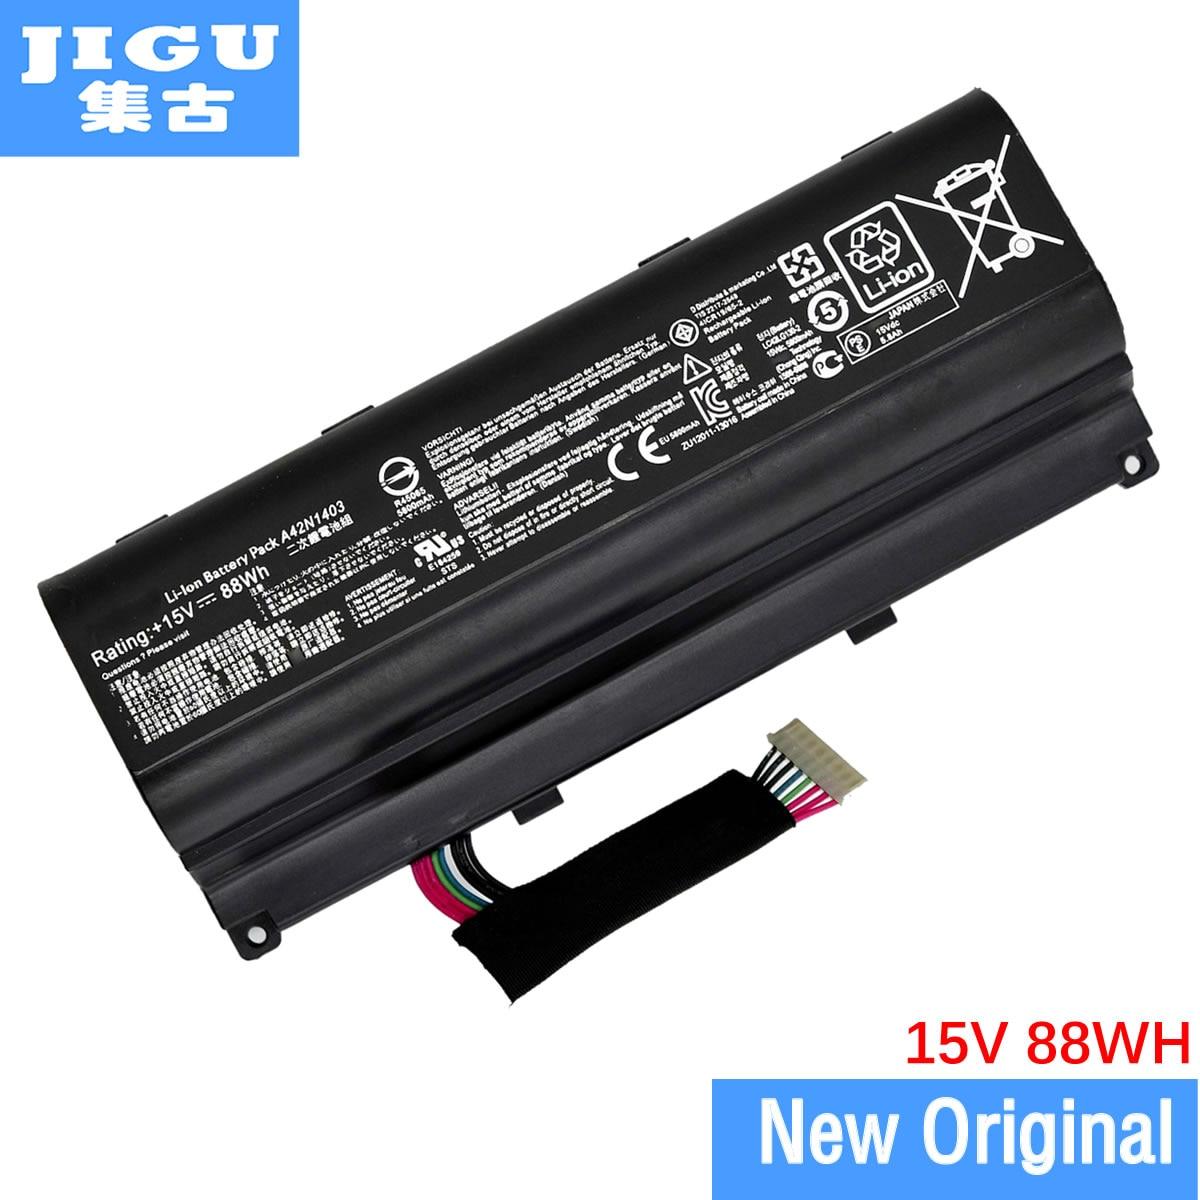 JIGU Batterie D'ordinateur Portable A42LM93 A42LM9H A42N1403 POUR ASUS G751 G751J G751JM G751JT G751JY GFX71JT GFX71JY4710 GFX71JY4720 Série